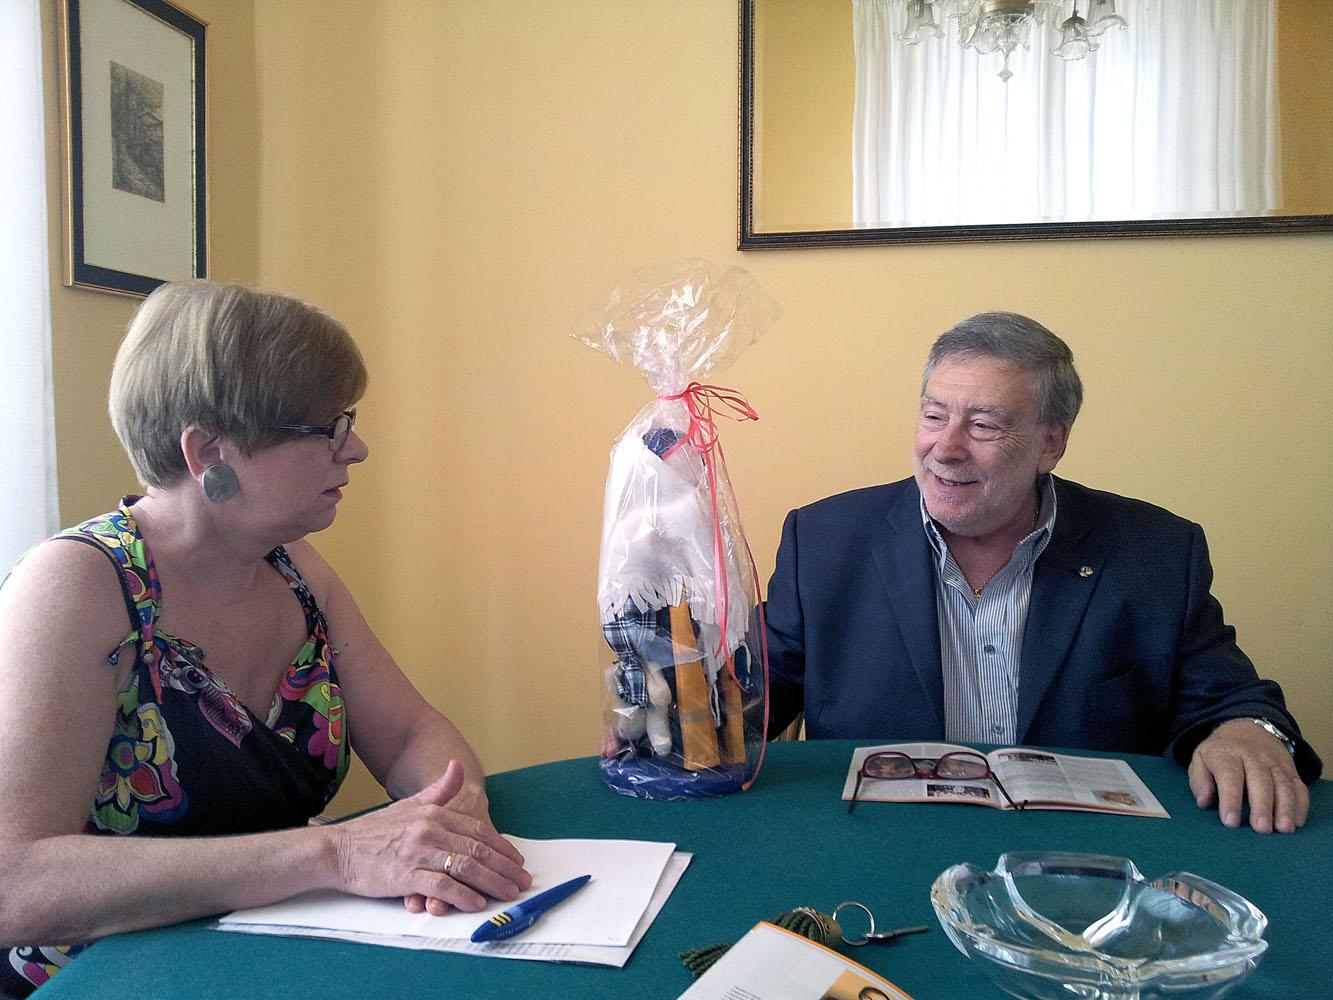 Incontro tra il Console Armando Ginesi e Elena Trukhanova per iniziative culturali anno 2013